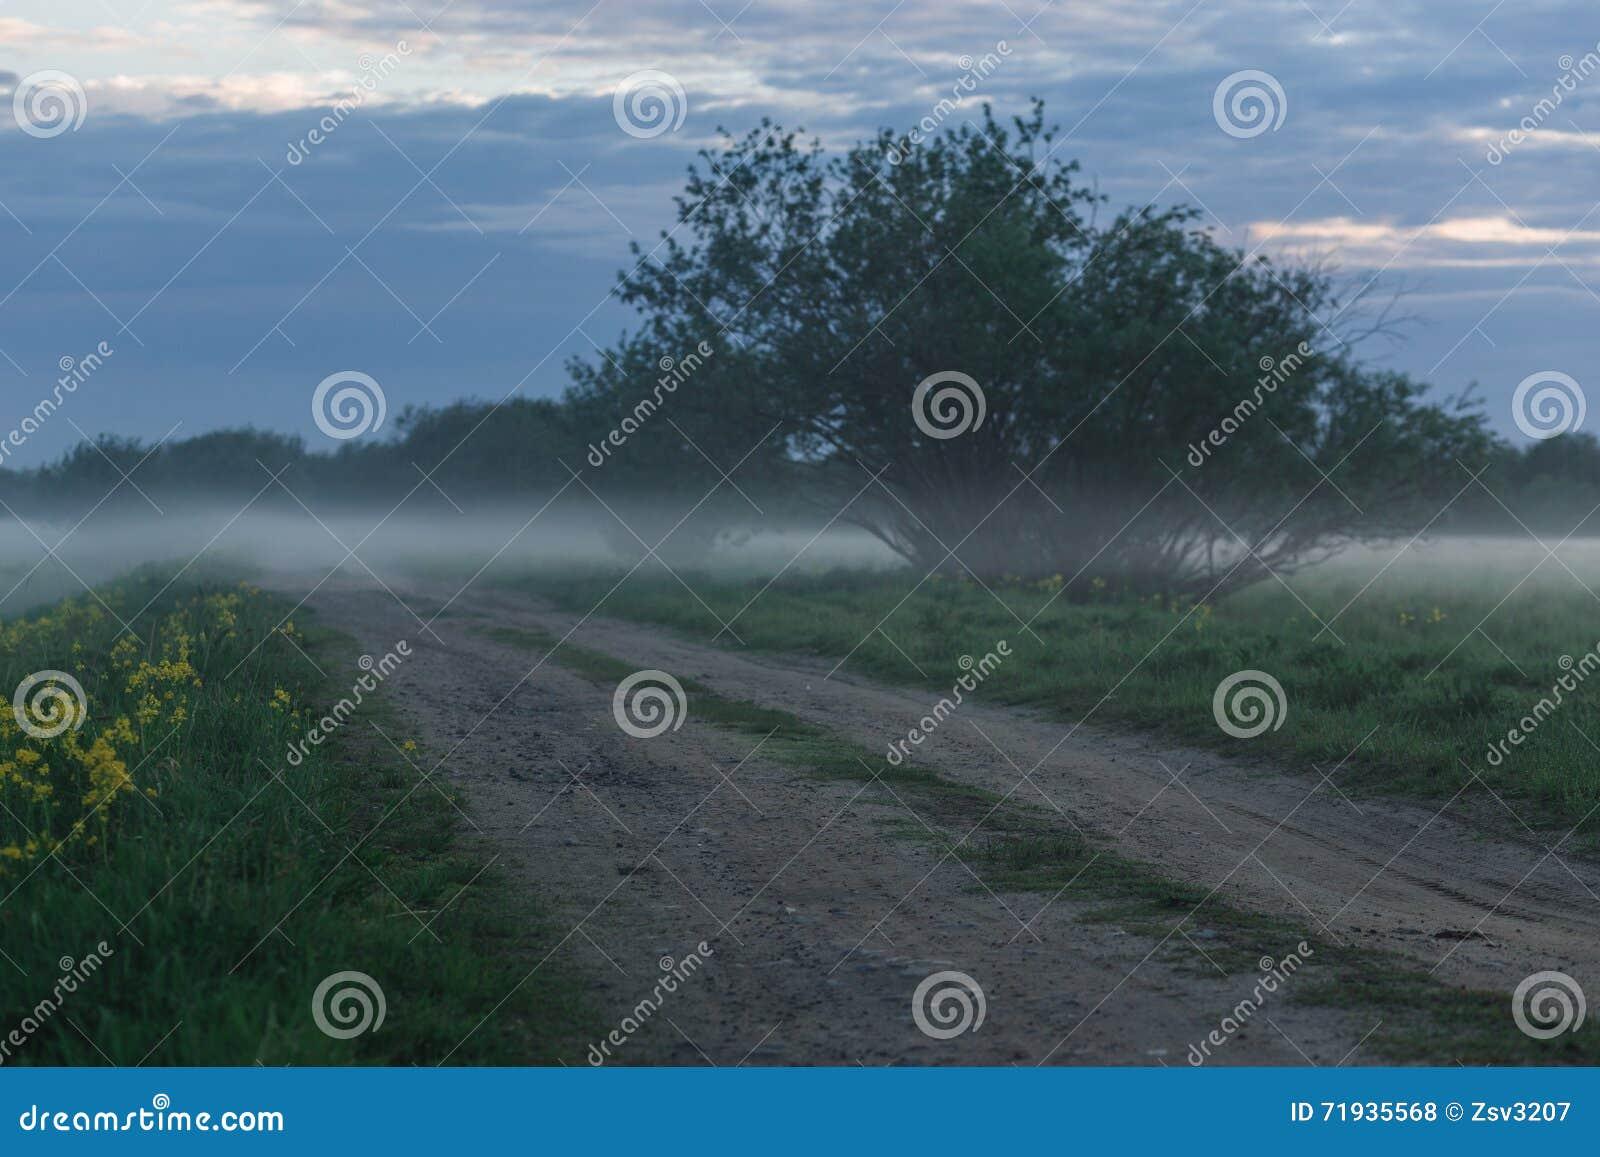 Грязная улица в пшеничном поле на туманном утре